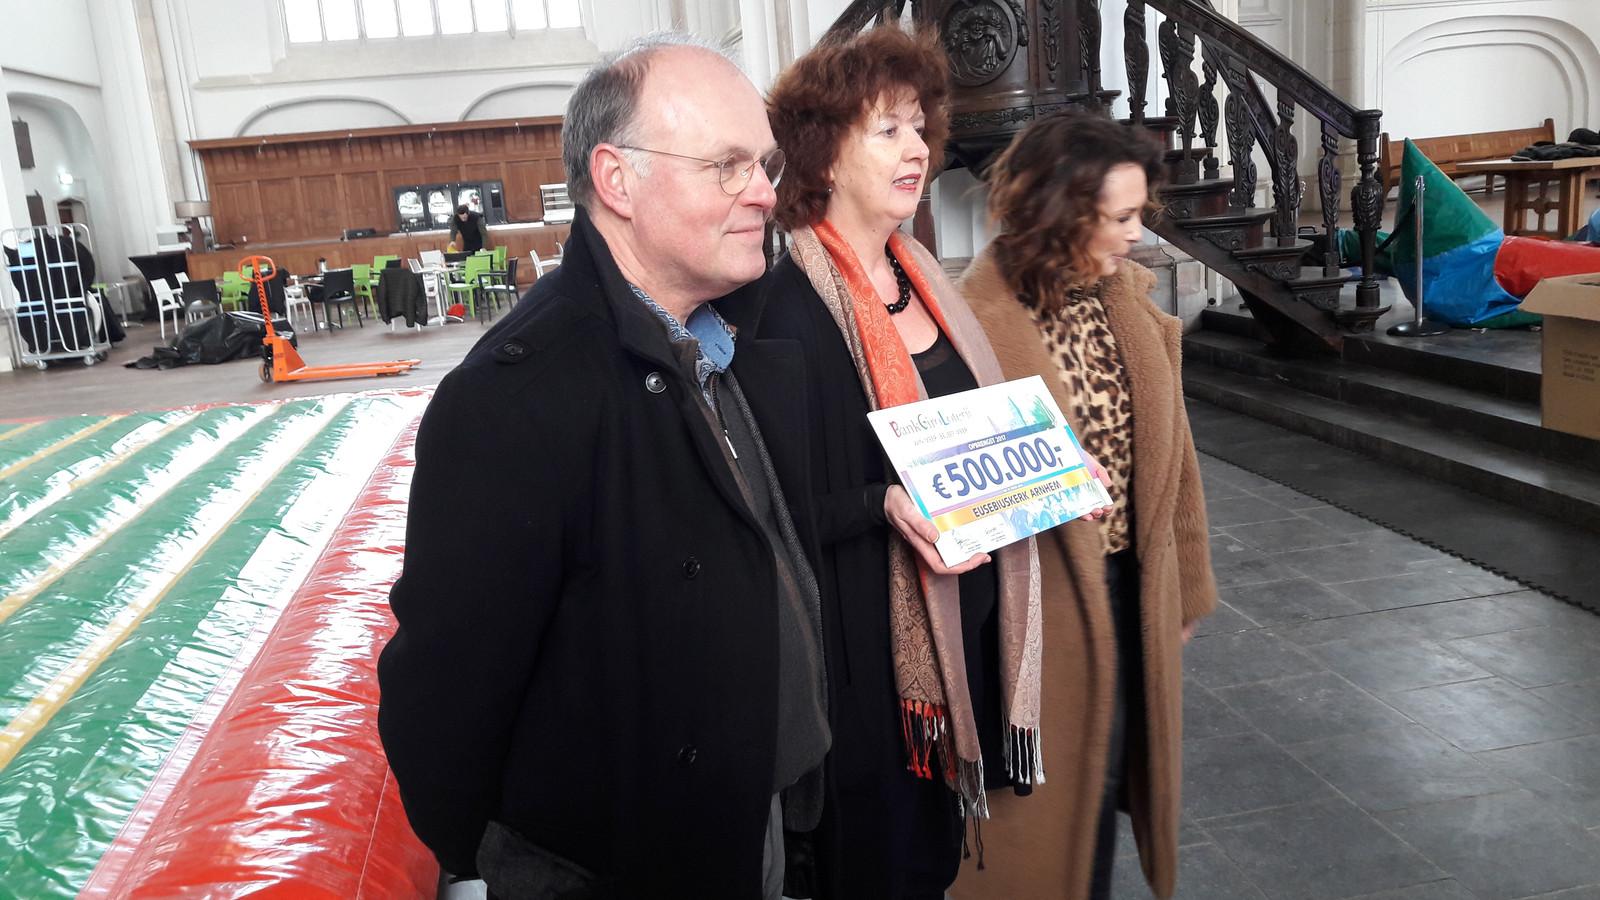 Ambassadeur Leontine Borsato (rechts) van de BankGiro Loterij verraste directeur Petra van Stijn van de Eusebius met een gift van een half miljoen euro.